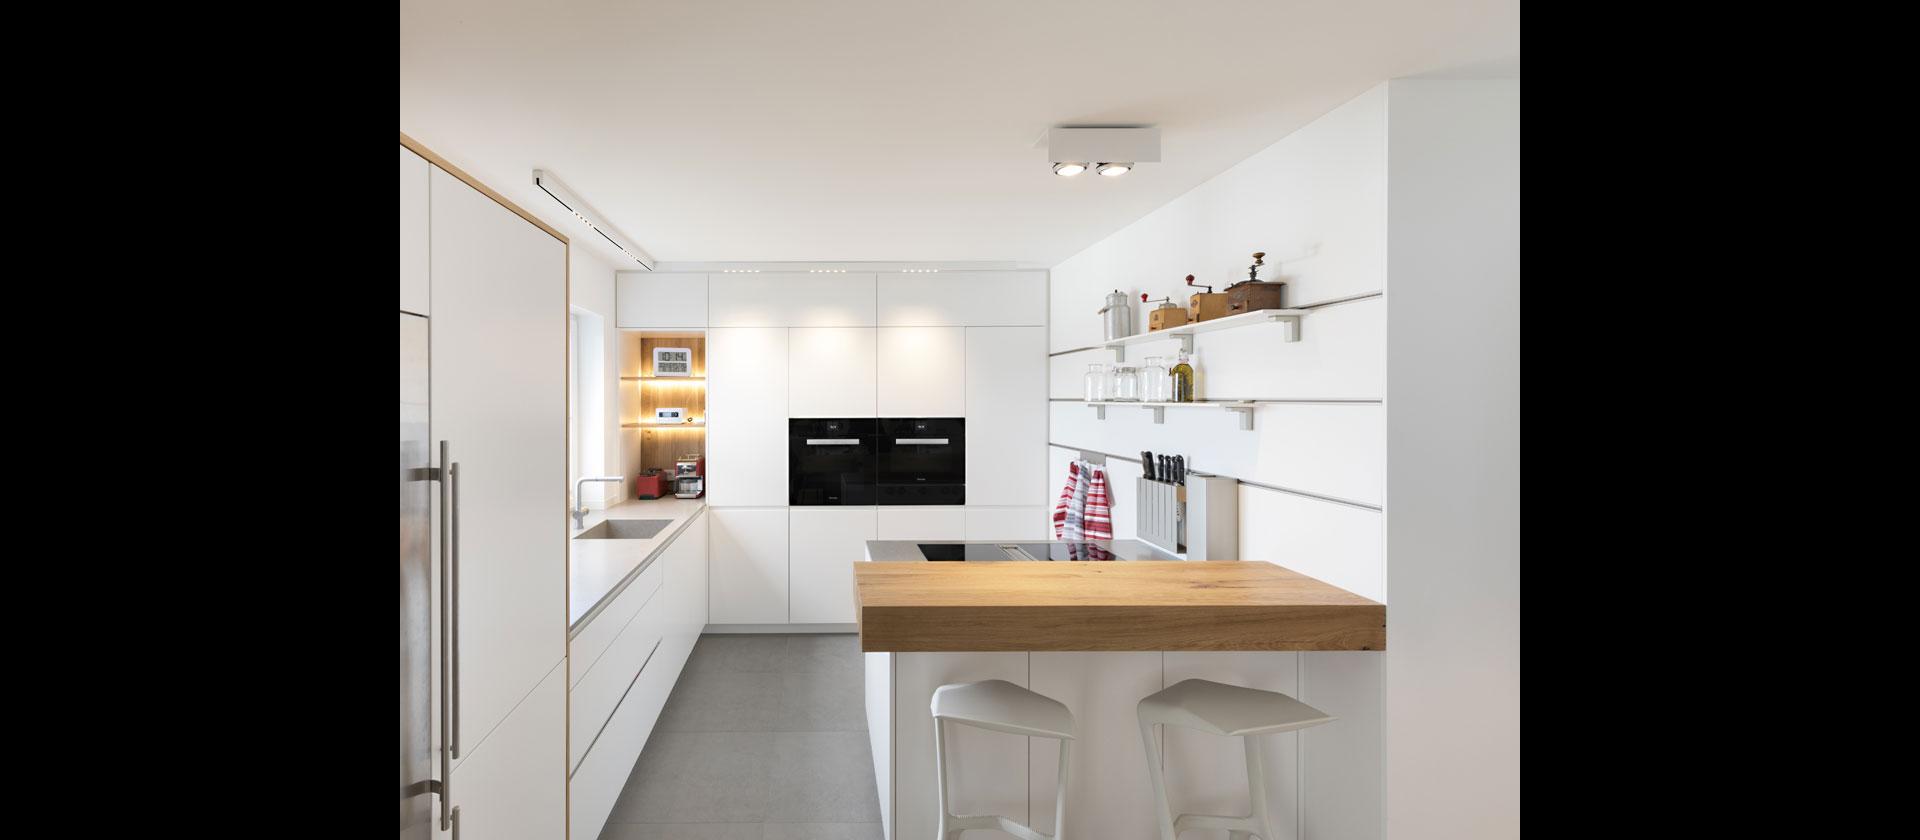 mtb k che als wohnraumerweiterung. Black Bedroom Furniture Sets. Home Design Ideas